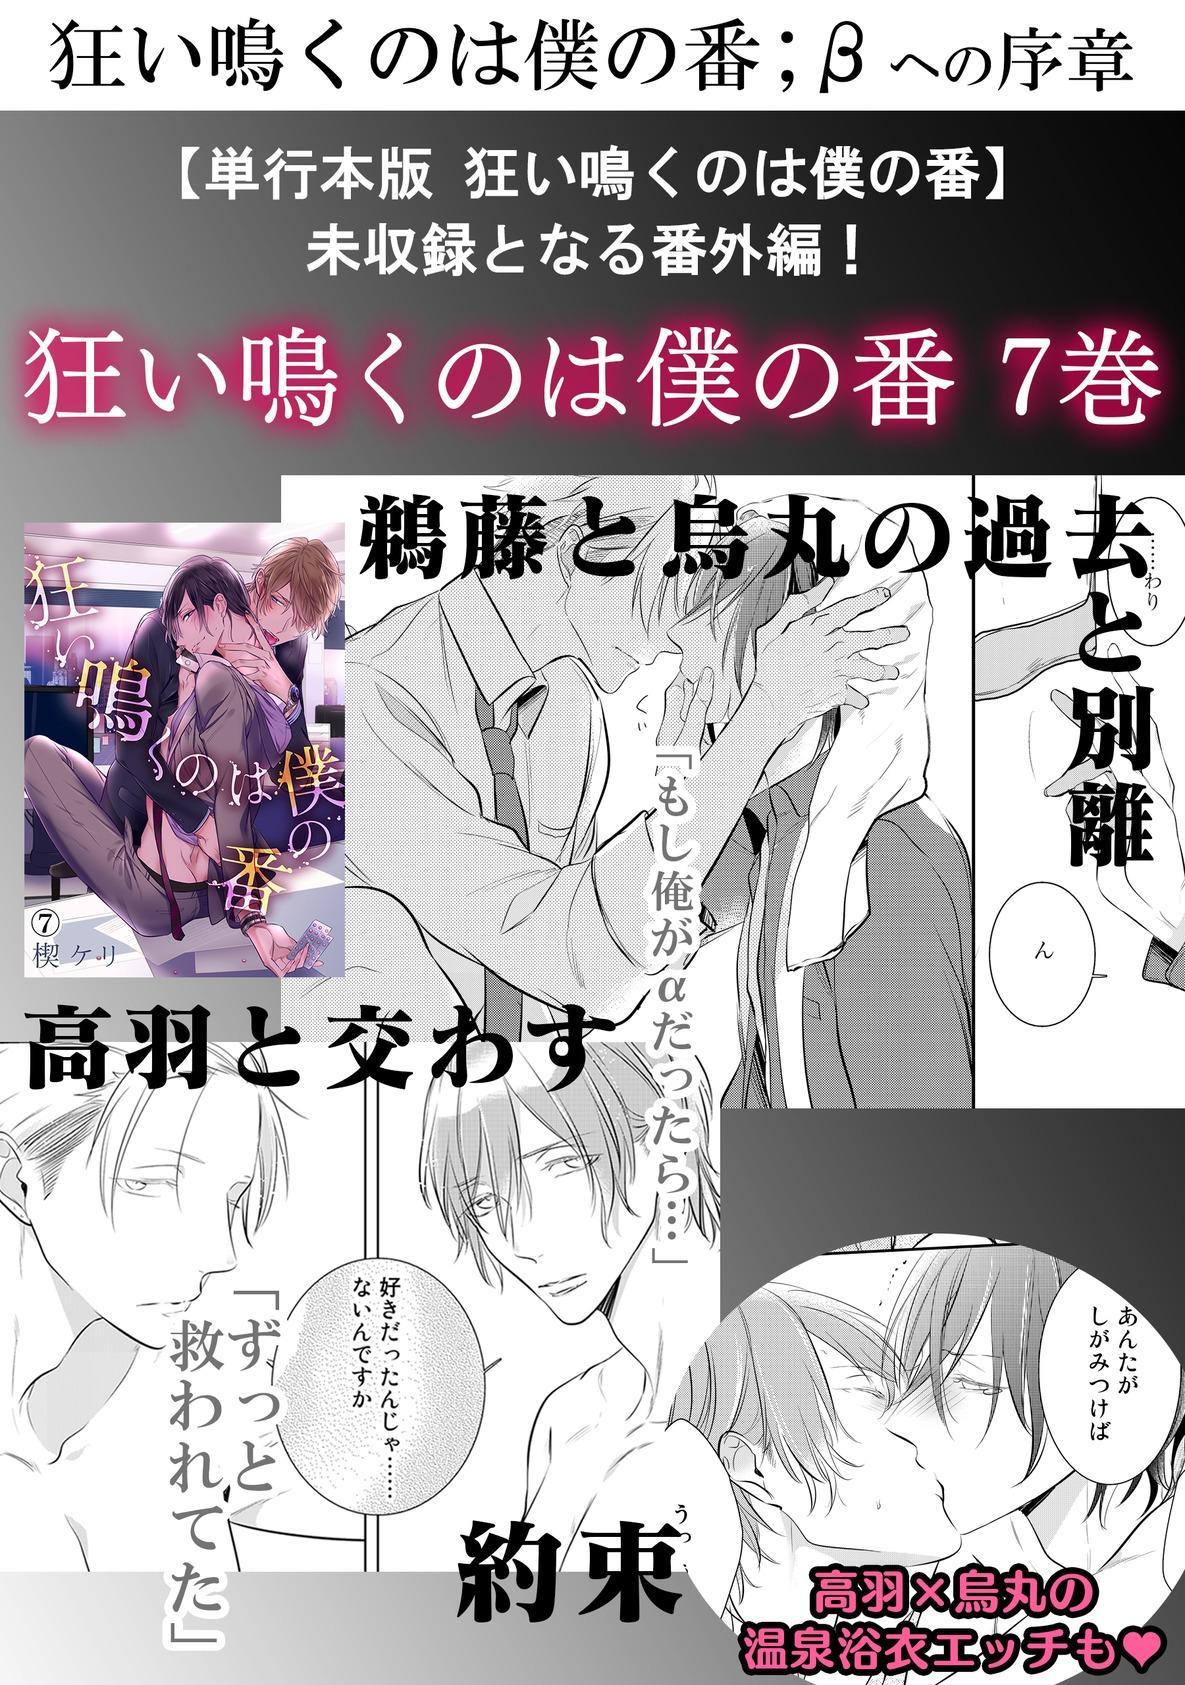 Kurui Naku no wa Boku no Ban ~ vol.2 5